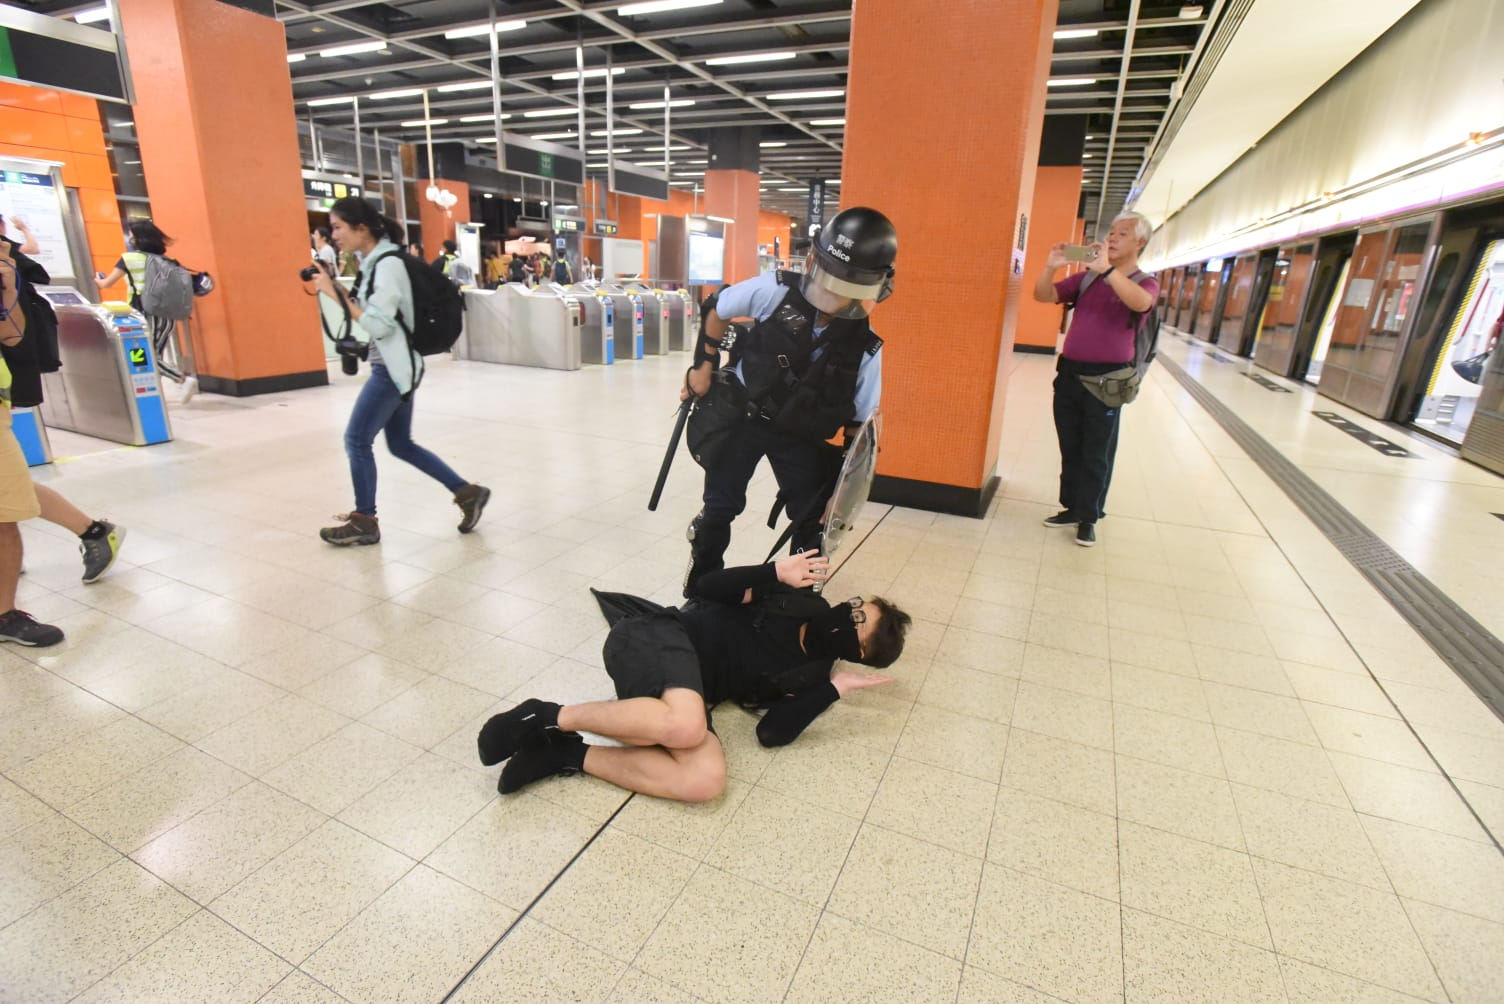 【修例风波】港铁关闭宝琳站 防暴警到站内驱赶示威者